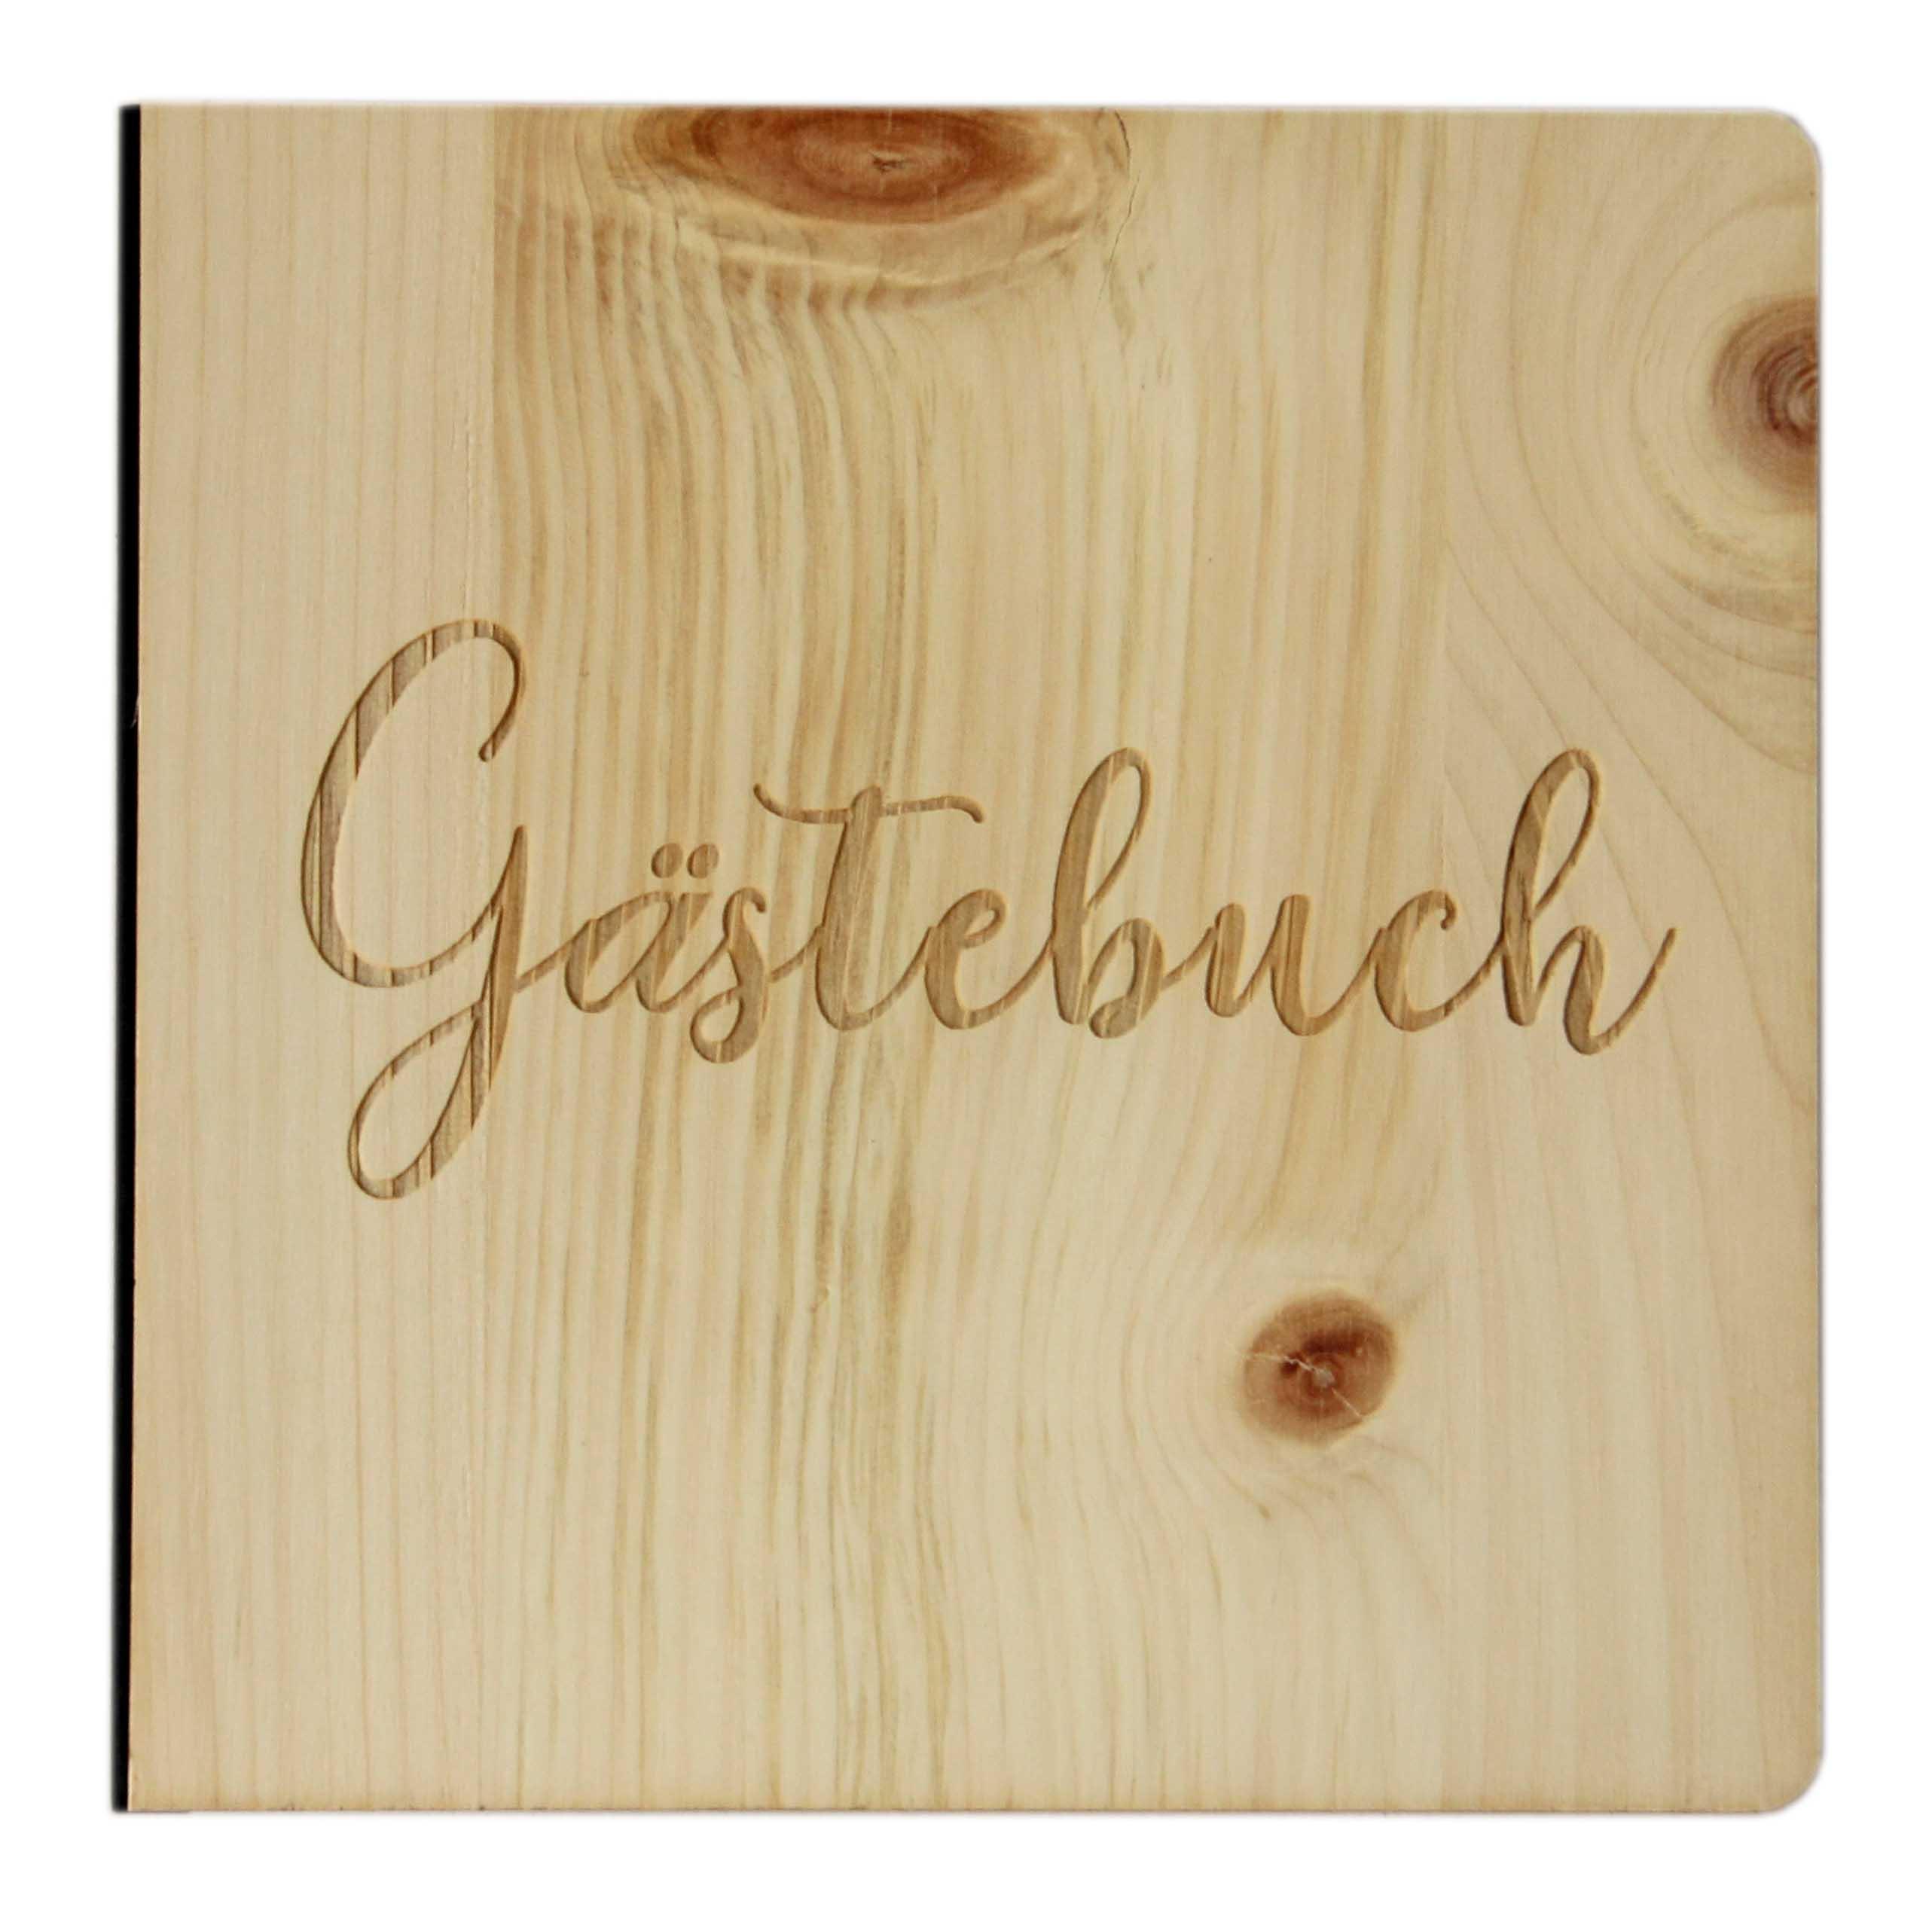 """Holz Gästebuch mit eingraviertem Schriftzug """"Gästebuch"""", Fotoalbum & Stammbuch für verschiedene Anlässe, bestehend aus Echtholz, Zirbenholz Cover"""